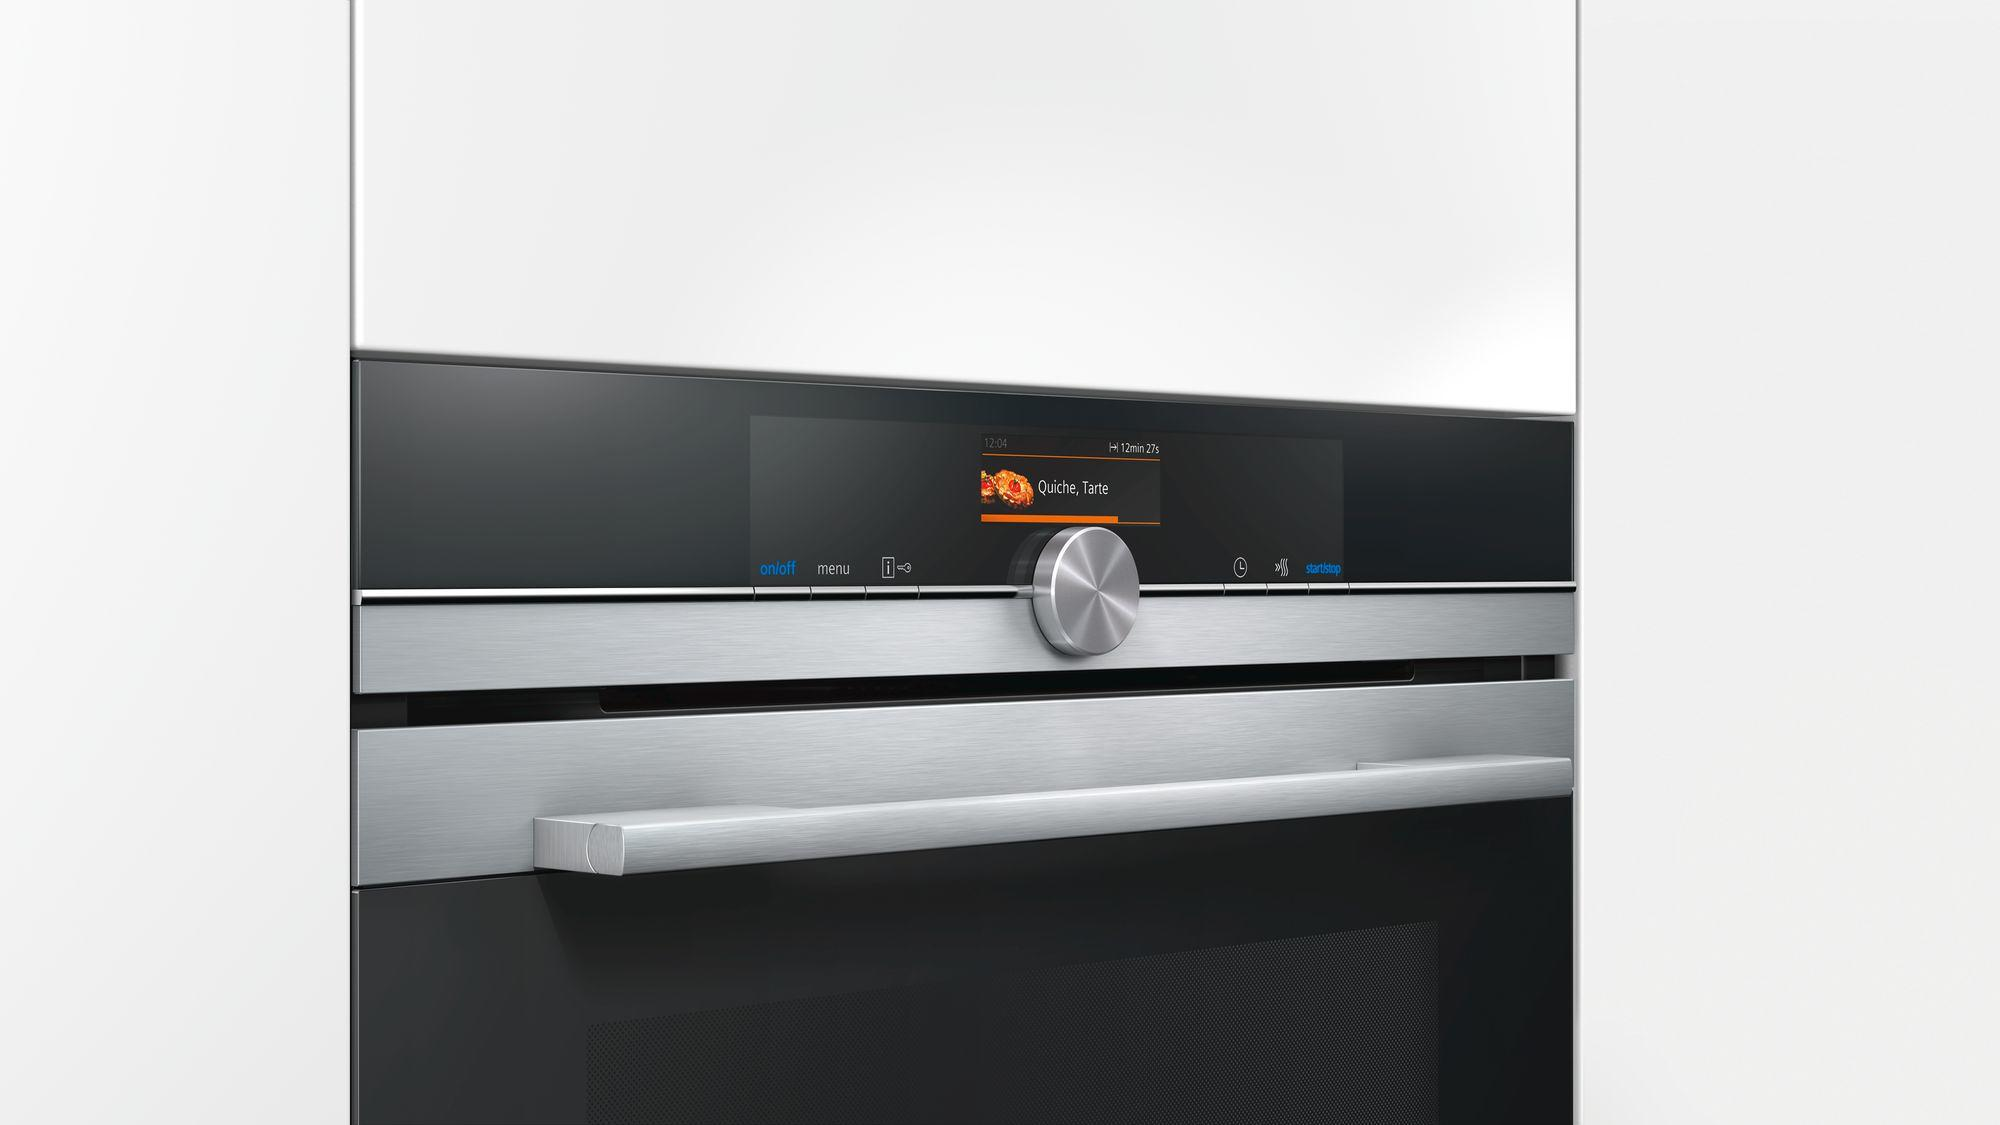 Siemens Kühlschrank Schwarz : Siemens hb gbs iq a einbaubackofen l tft touchdisplay